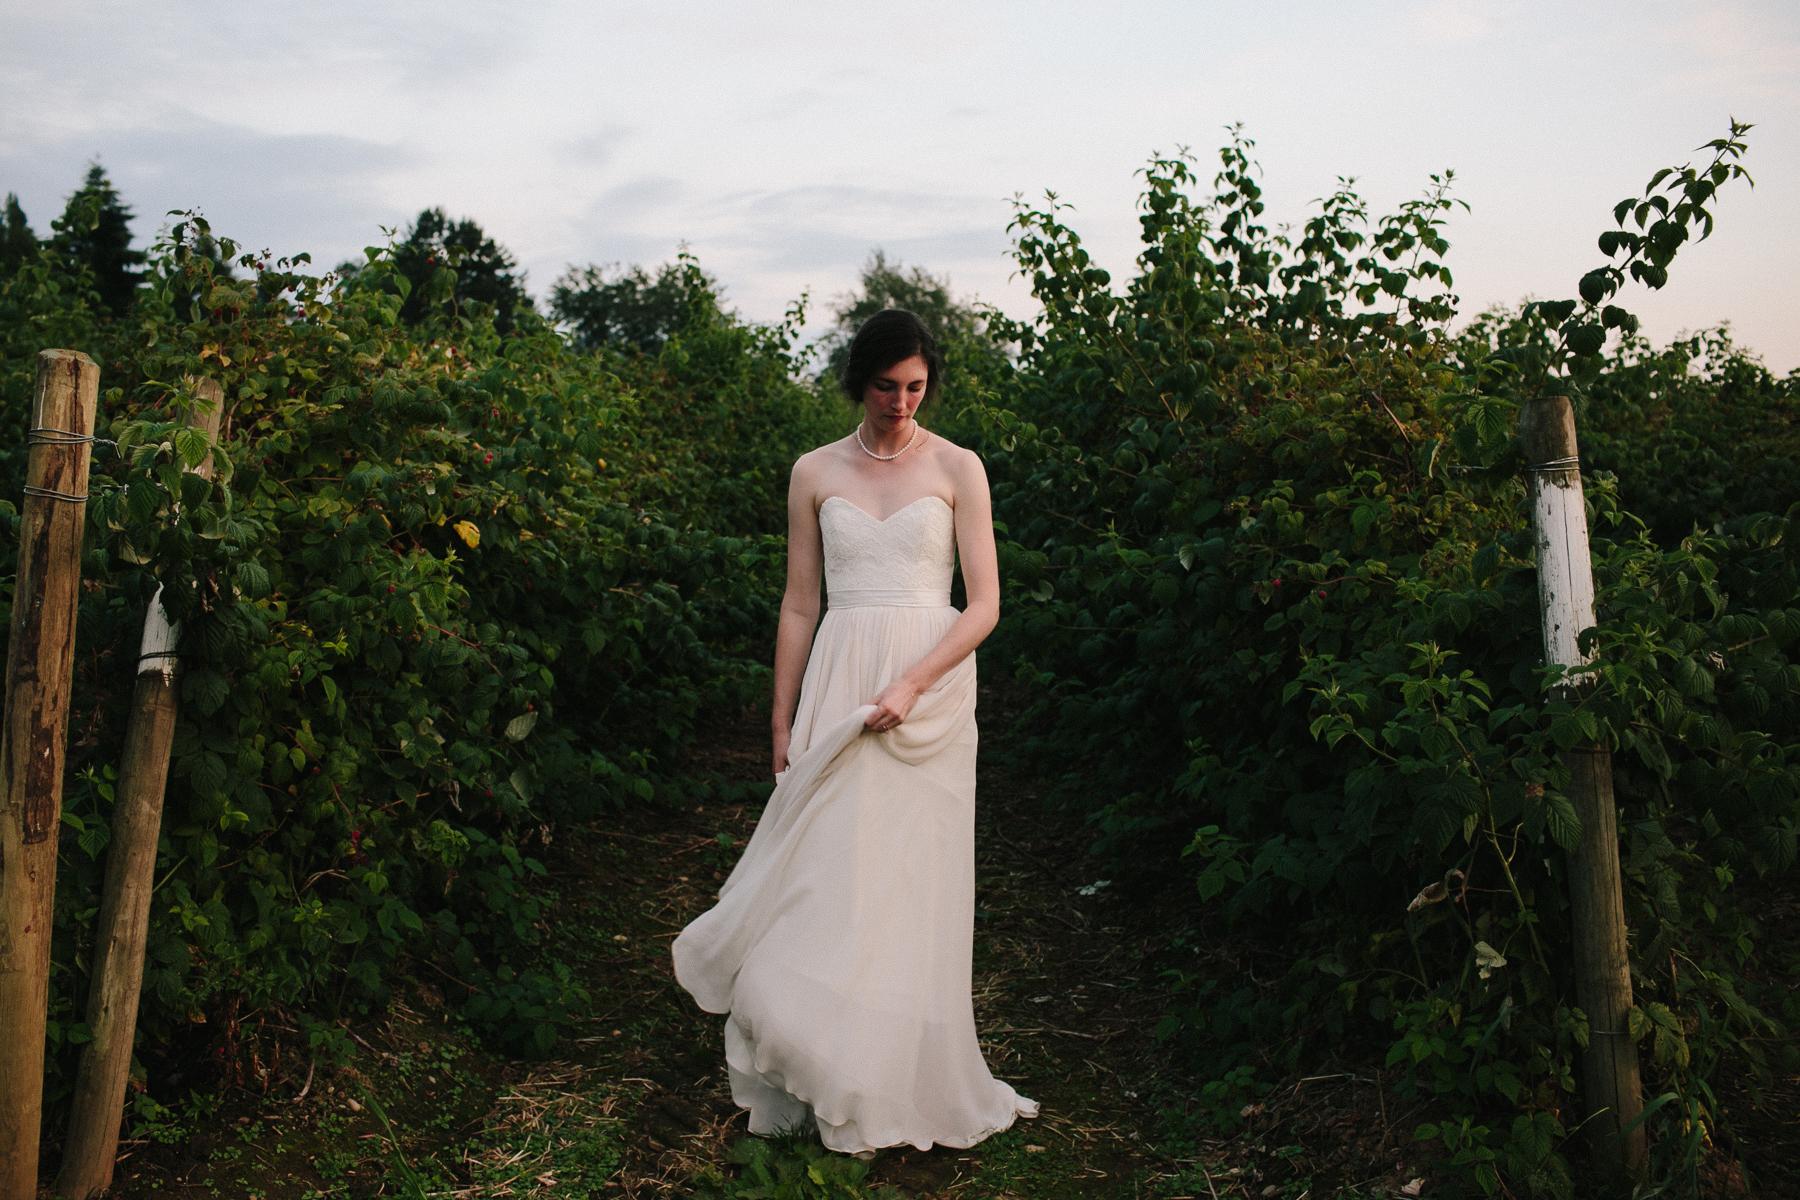 Vancouver-Rustic-Farm-Wedding-KB-197.jpg